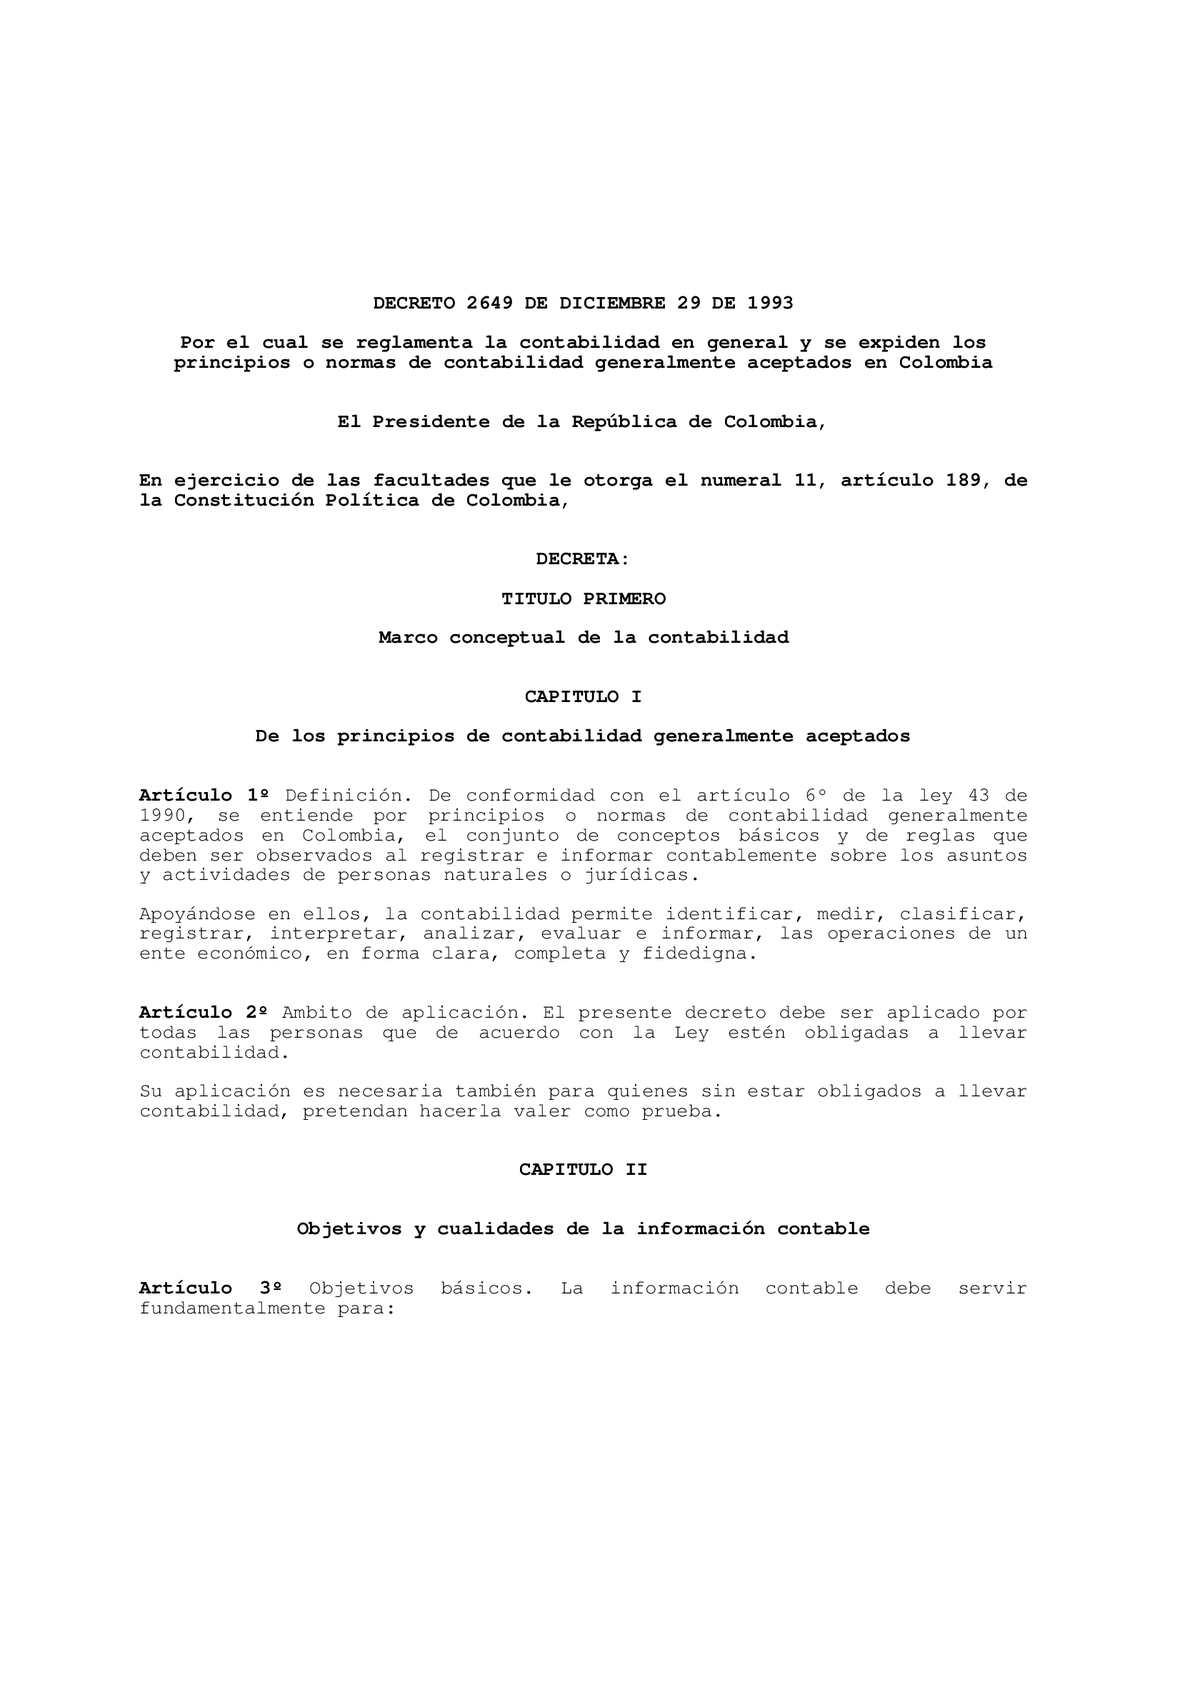 Calaméo - Principios de contabilidad generalmente aceptados en Colombia